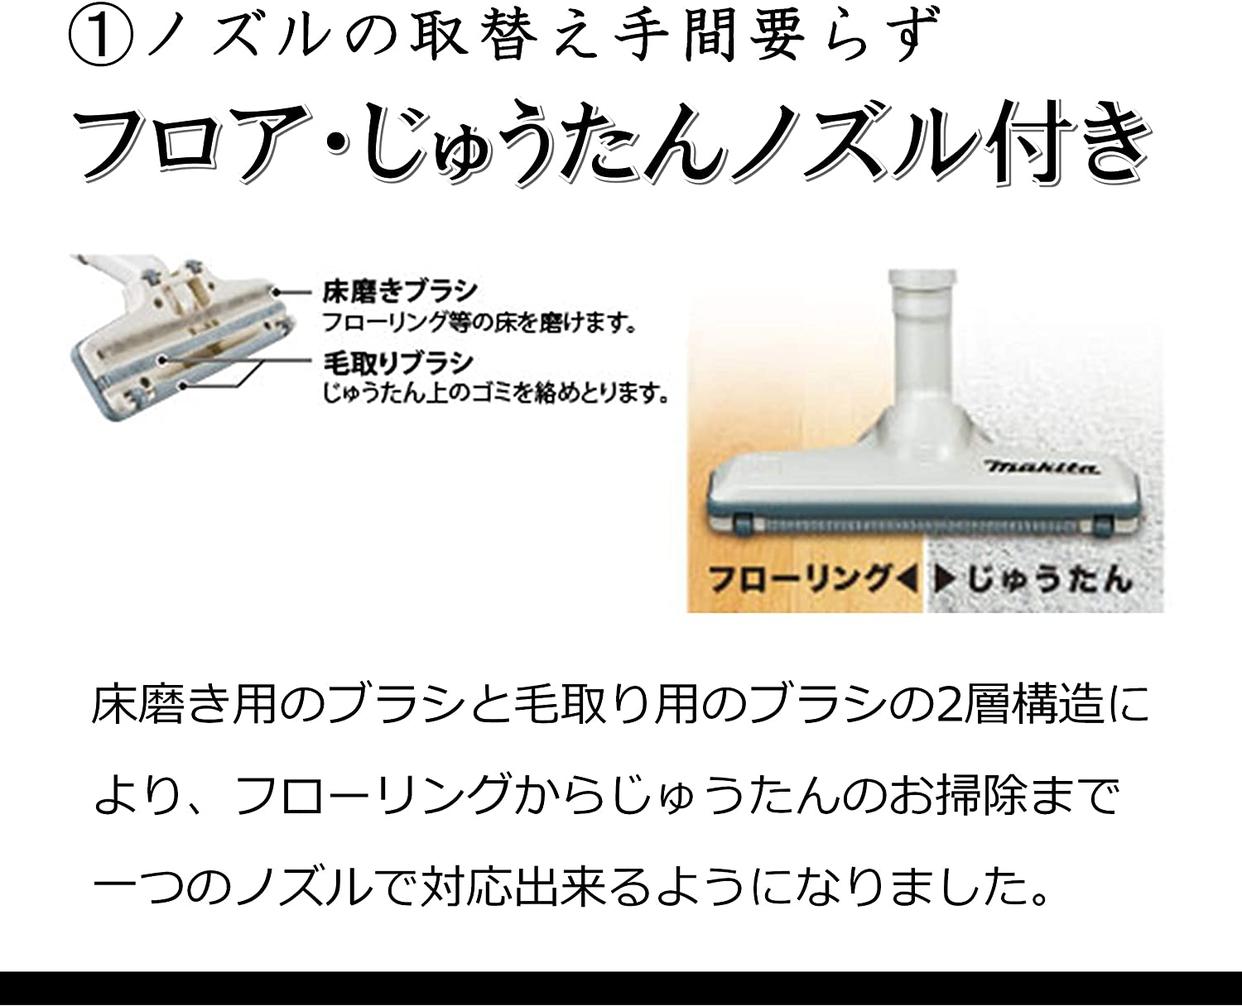 makita(マキタ) 充電式クリーナ CL110DWの商品画像4